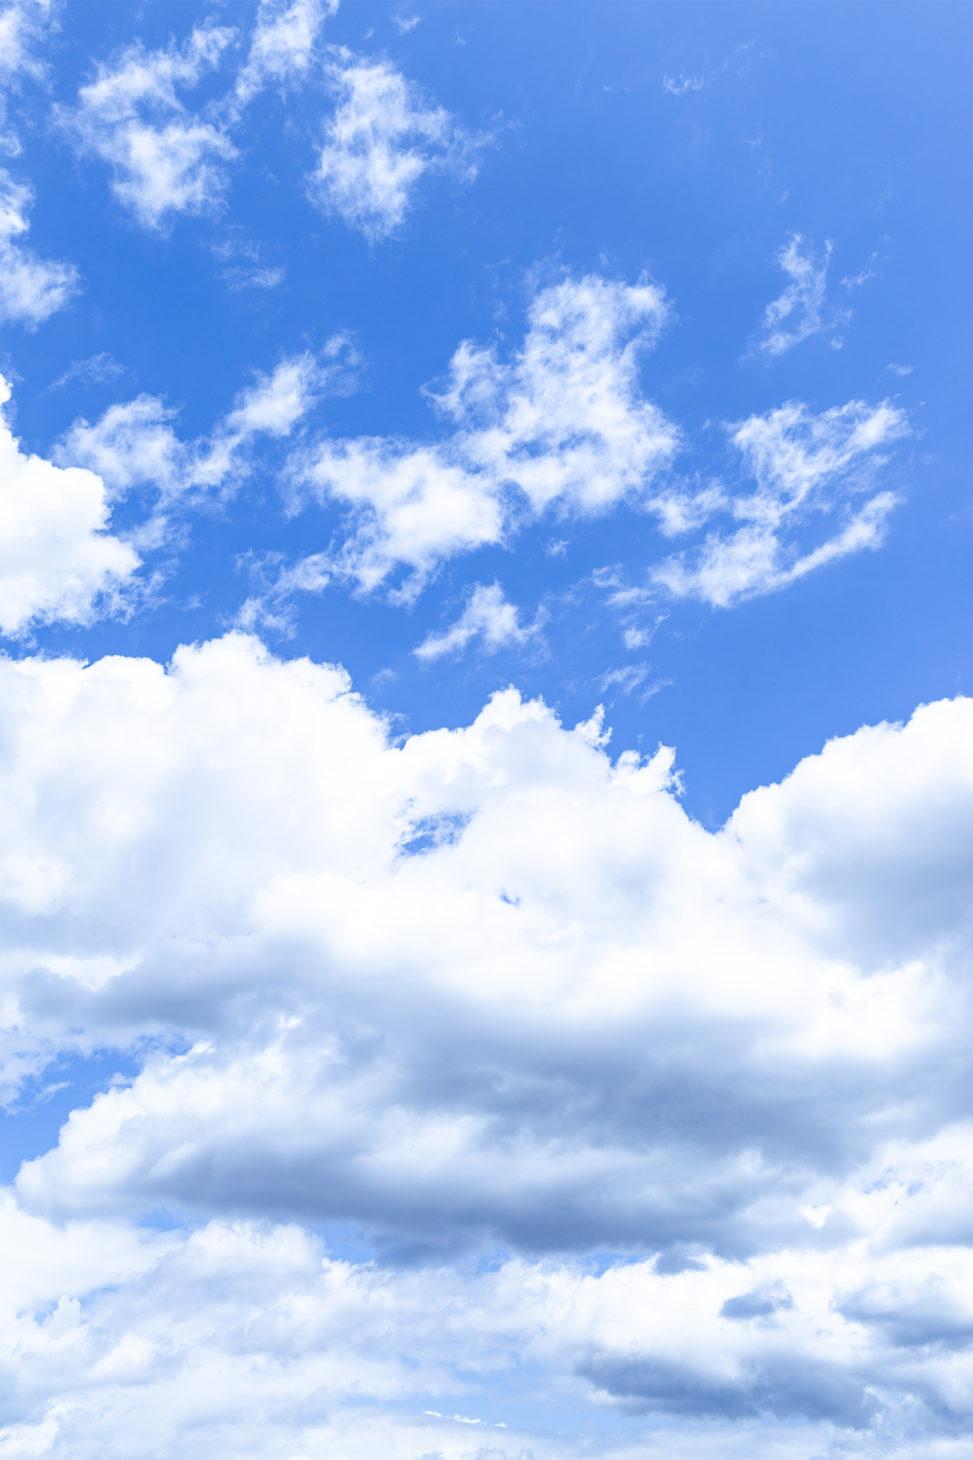 空と雲03の写真素材